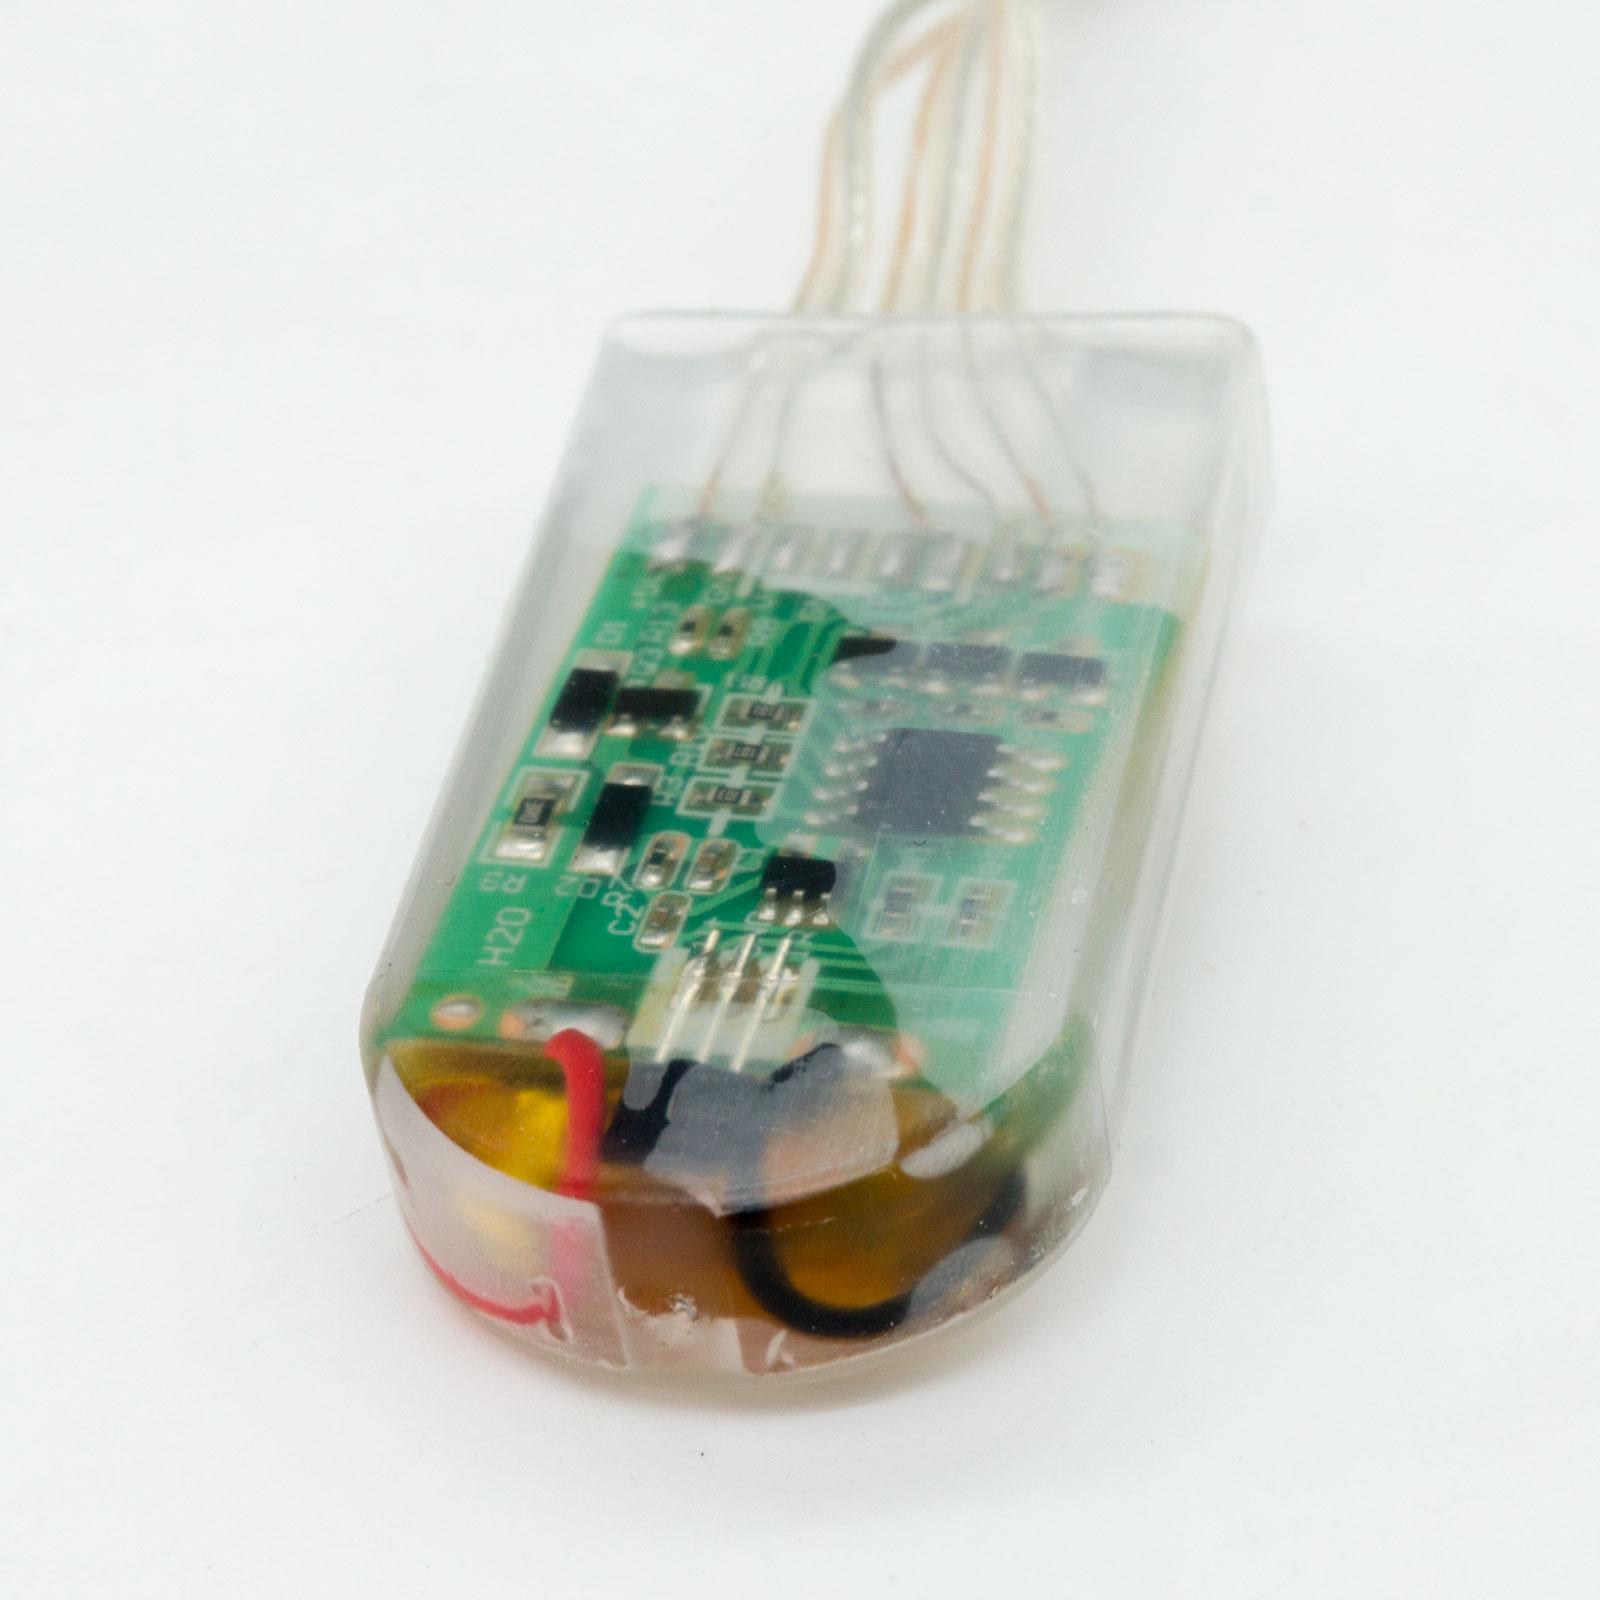 фото front Комплект светодиодной ленты для светящихся led кроссовок под пульт front